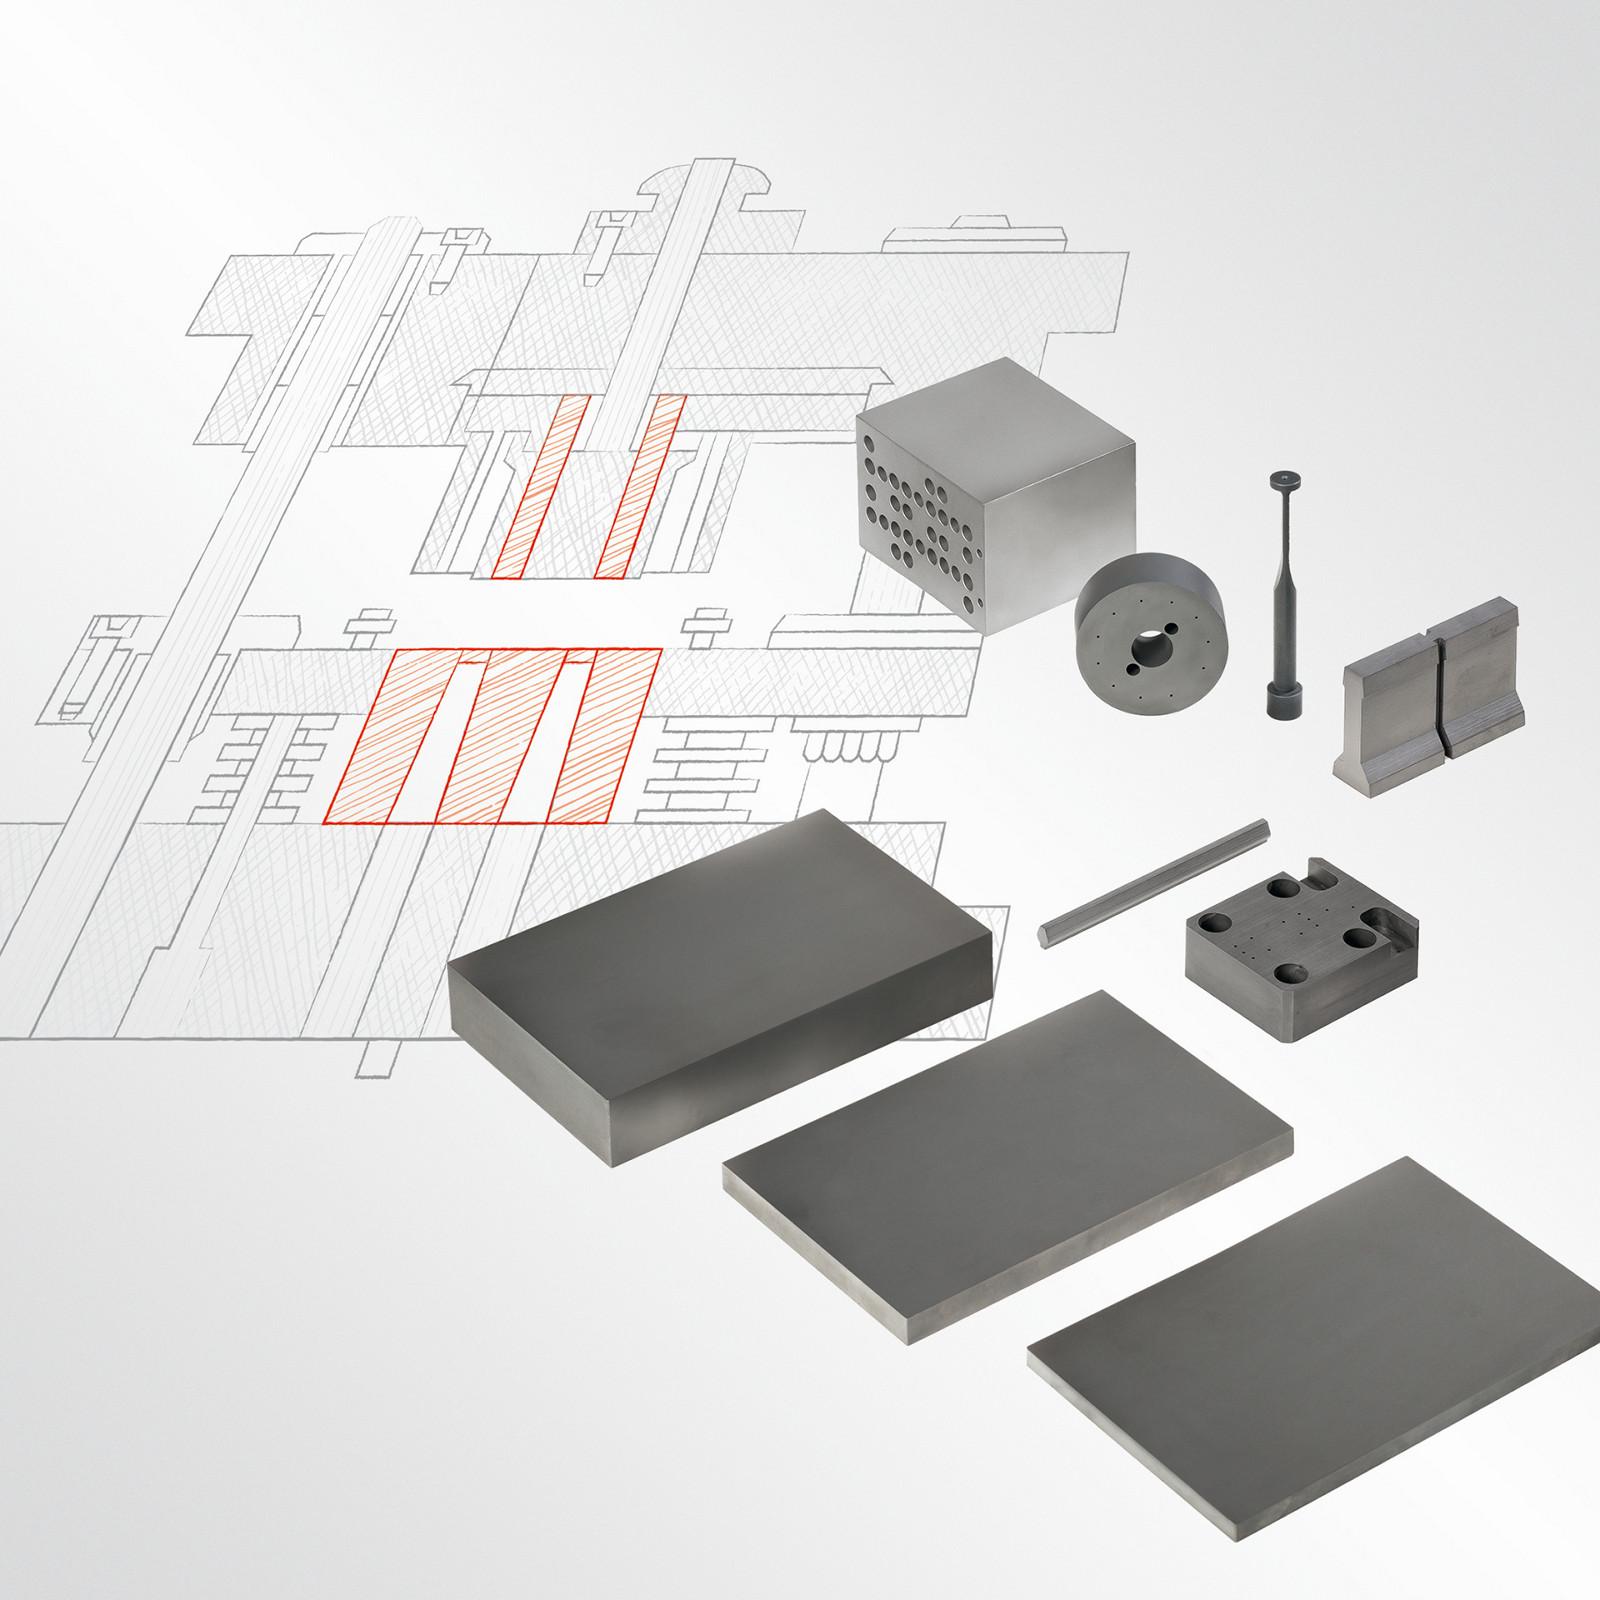 Заготовки для производства инструментов и матриц